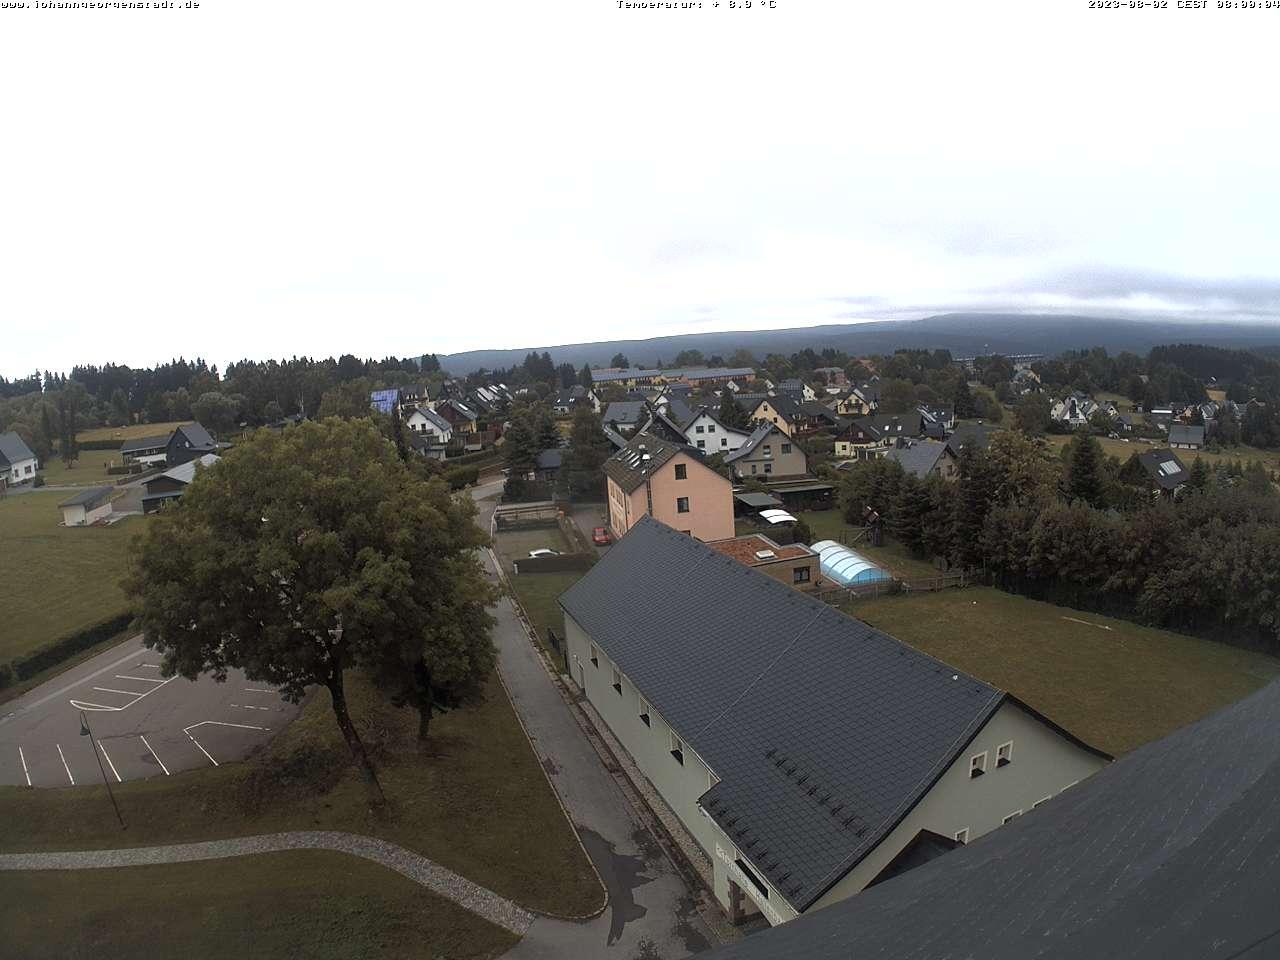 Blick zum Erzgebirgskamm mit Fichtelberg, Keilberg und Plattenberg